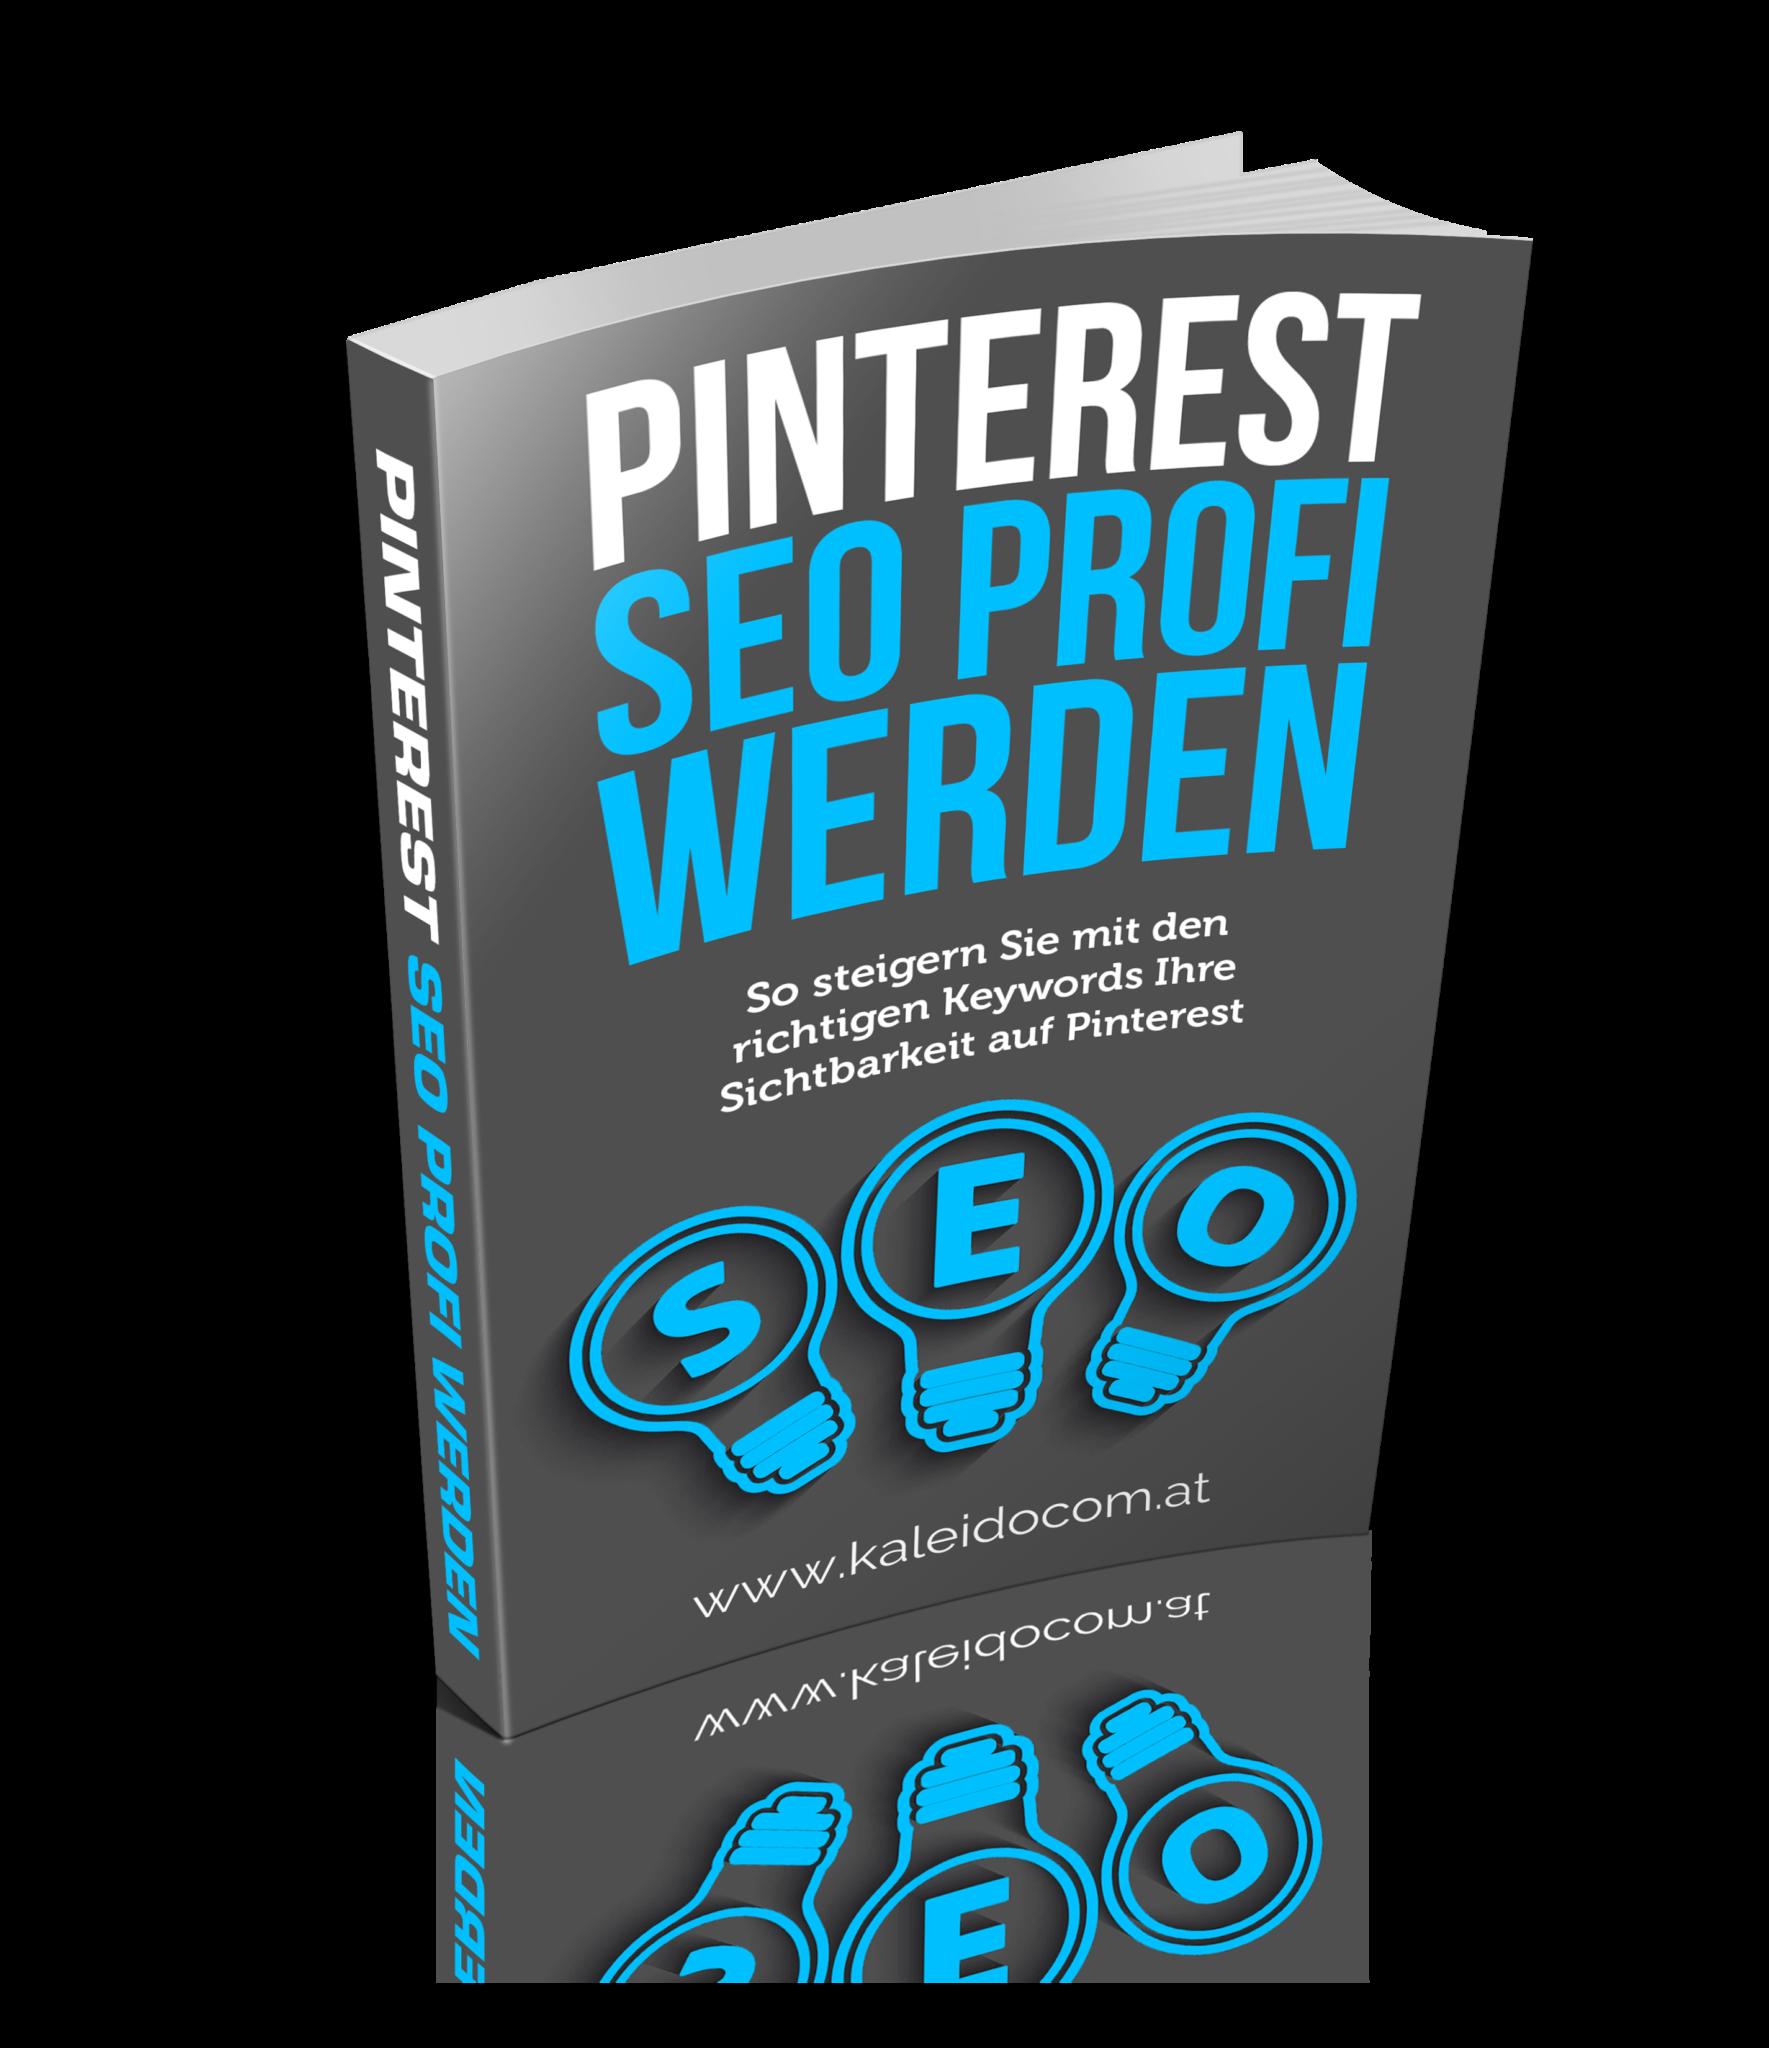 Pinterest SEO Profi werden